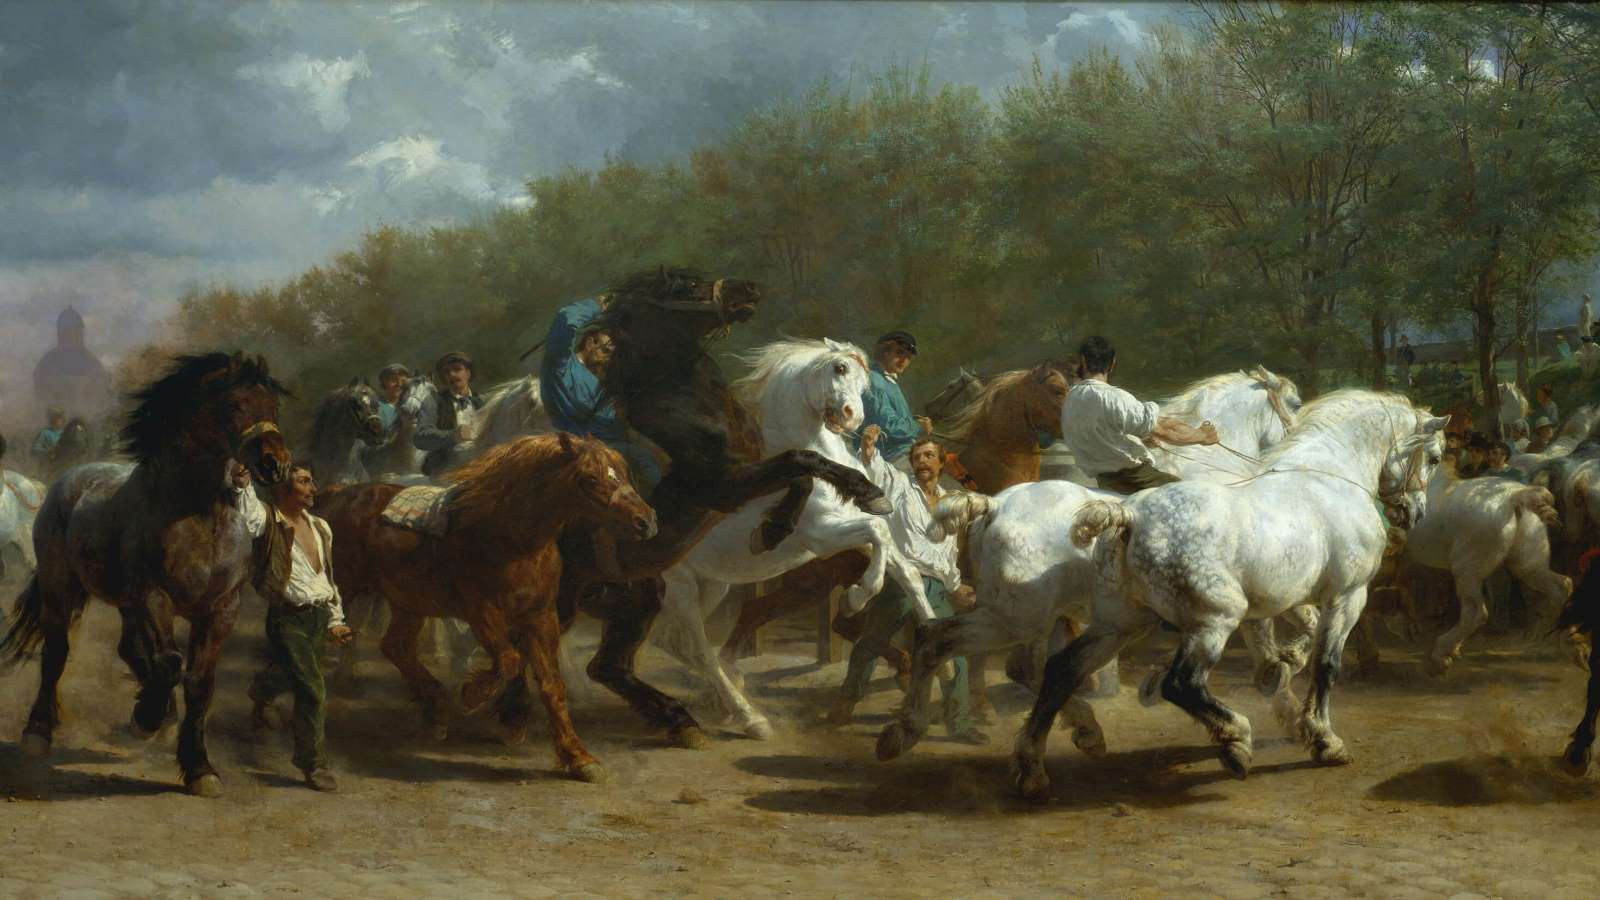 Rosa Bonheur, The Horse Fair cover